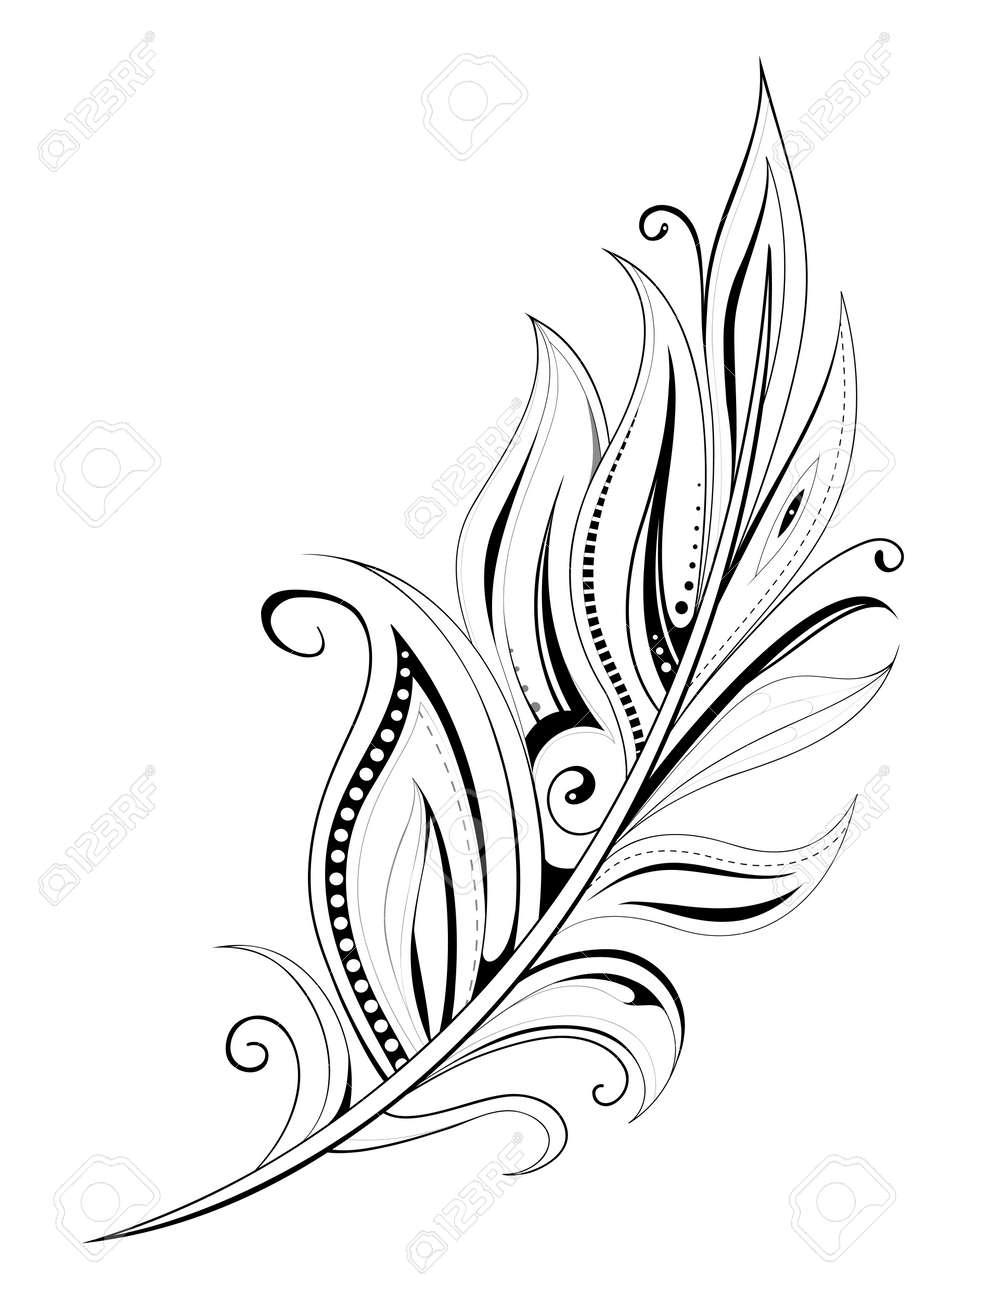 Tatouage De Plume Avec Des éléments Ethniques Isolé Sur Blanc Clip